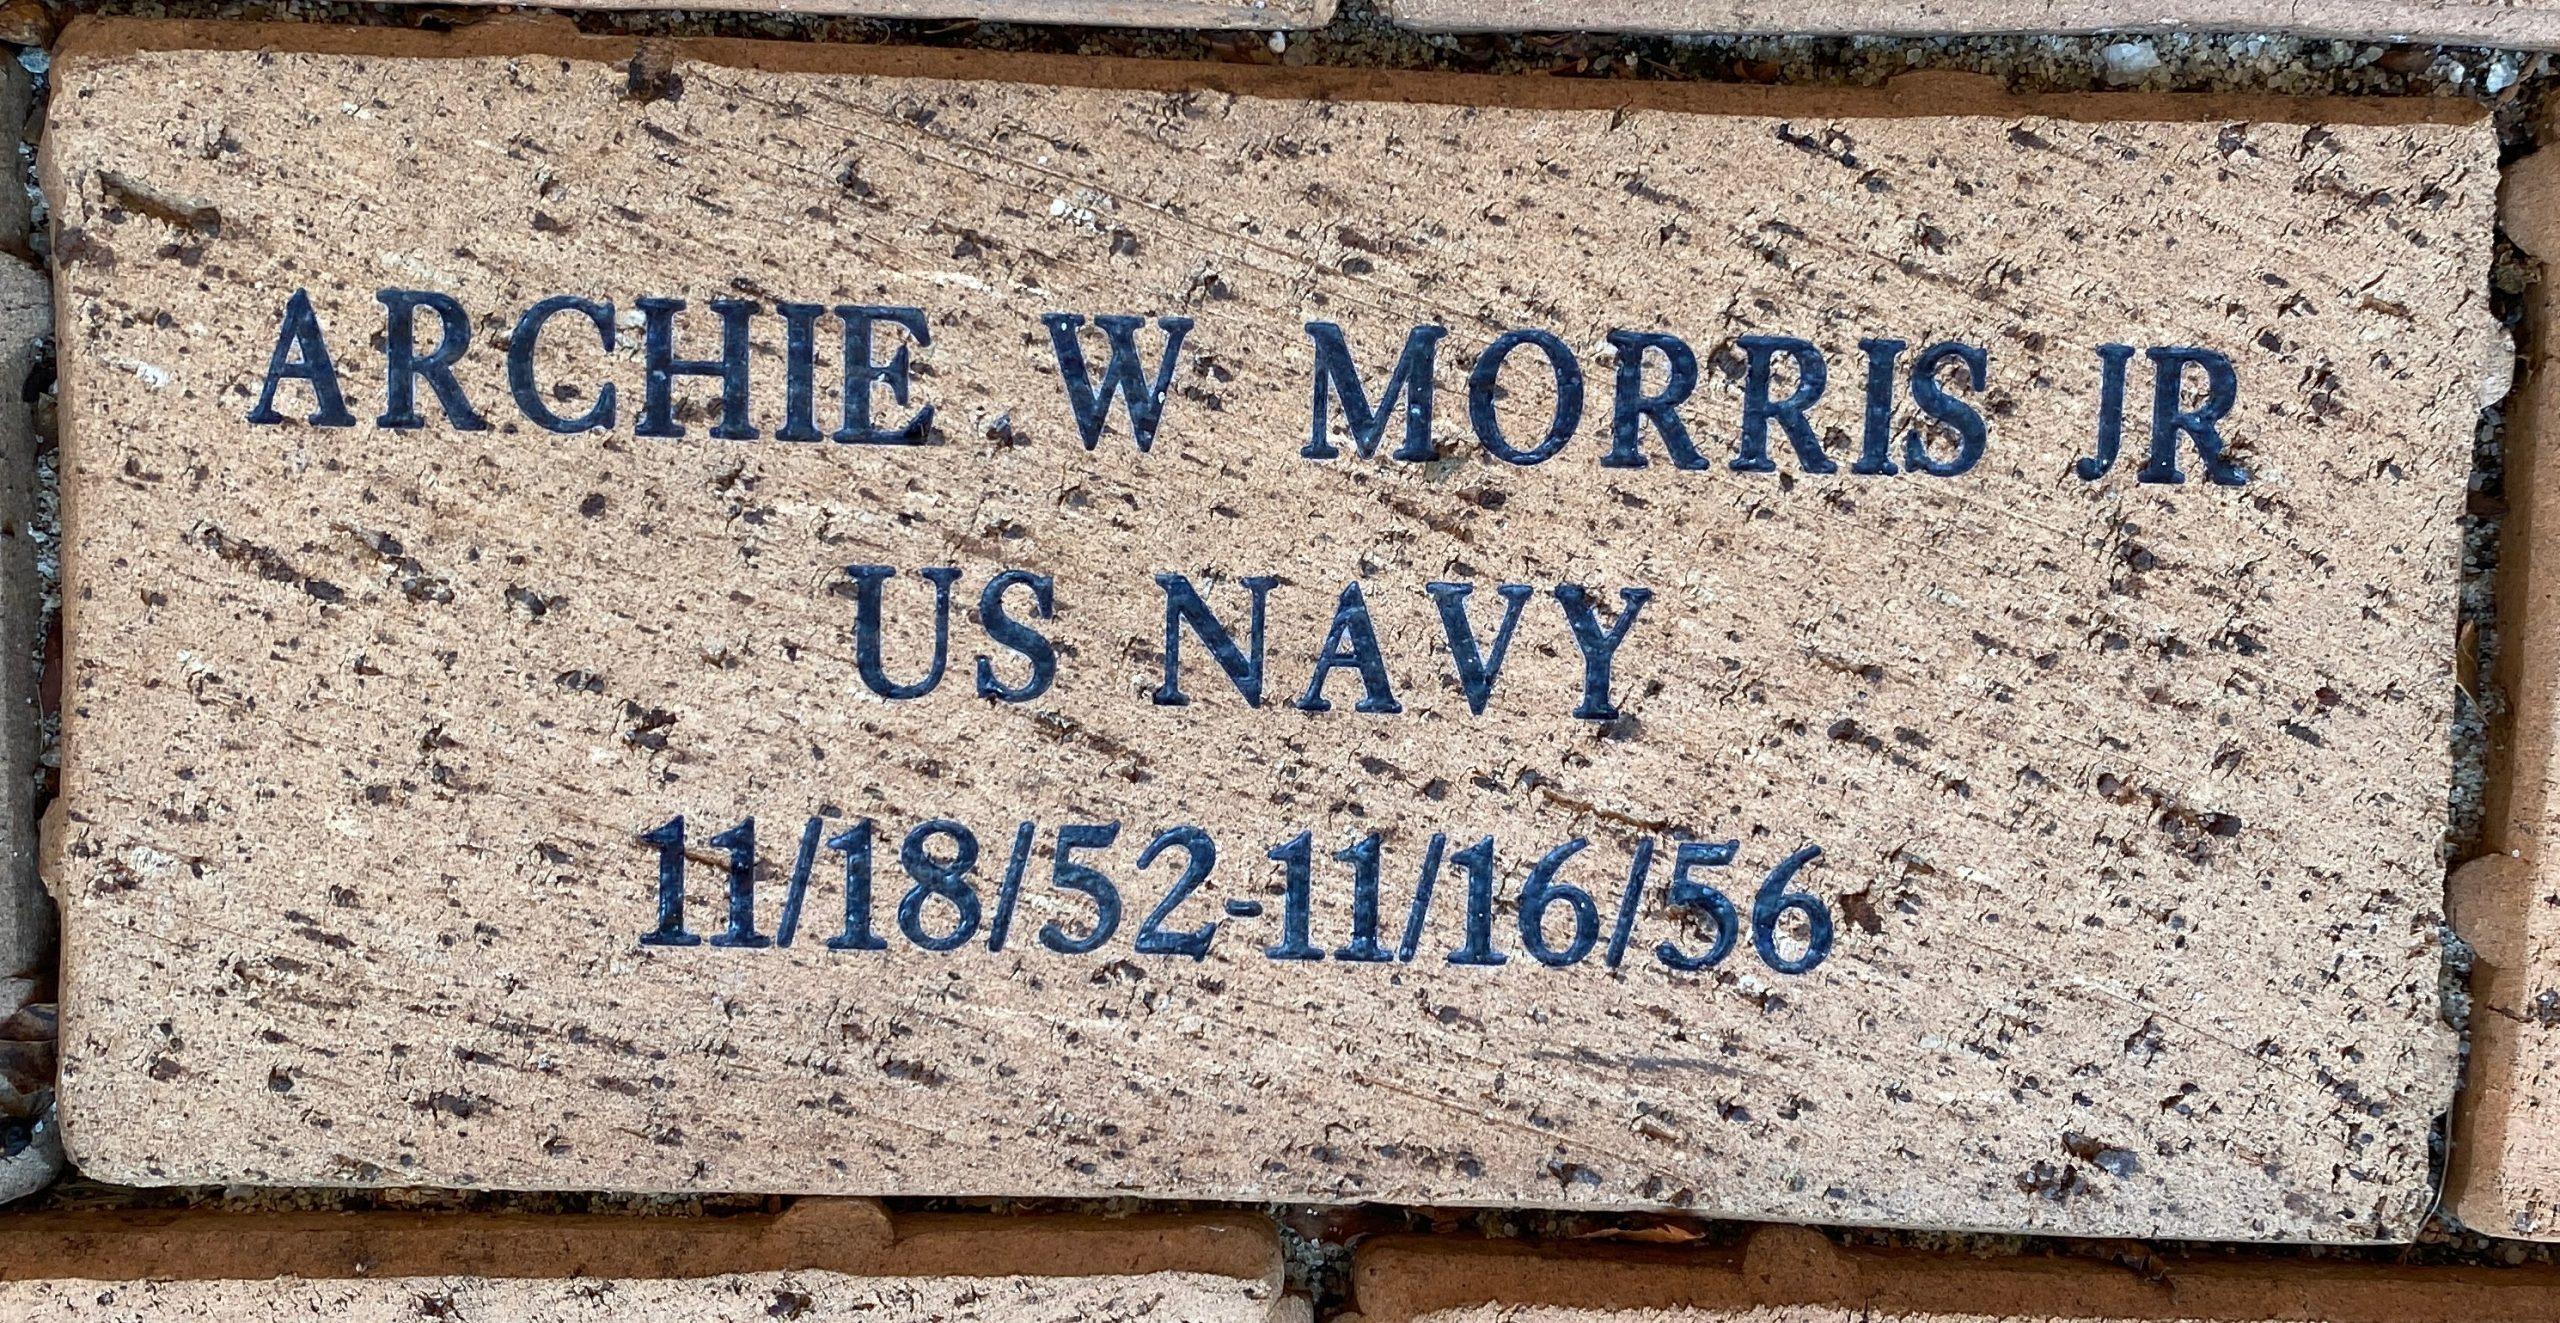 ARCHIE W. MORRIS JR US NAVY 11/18/52-11/16/56